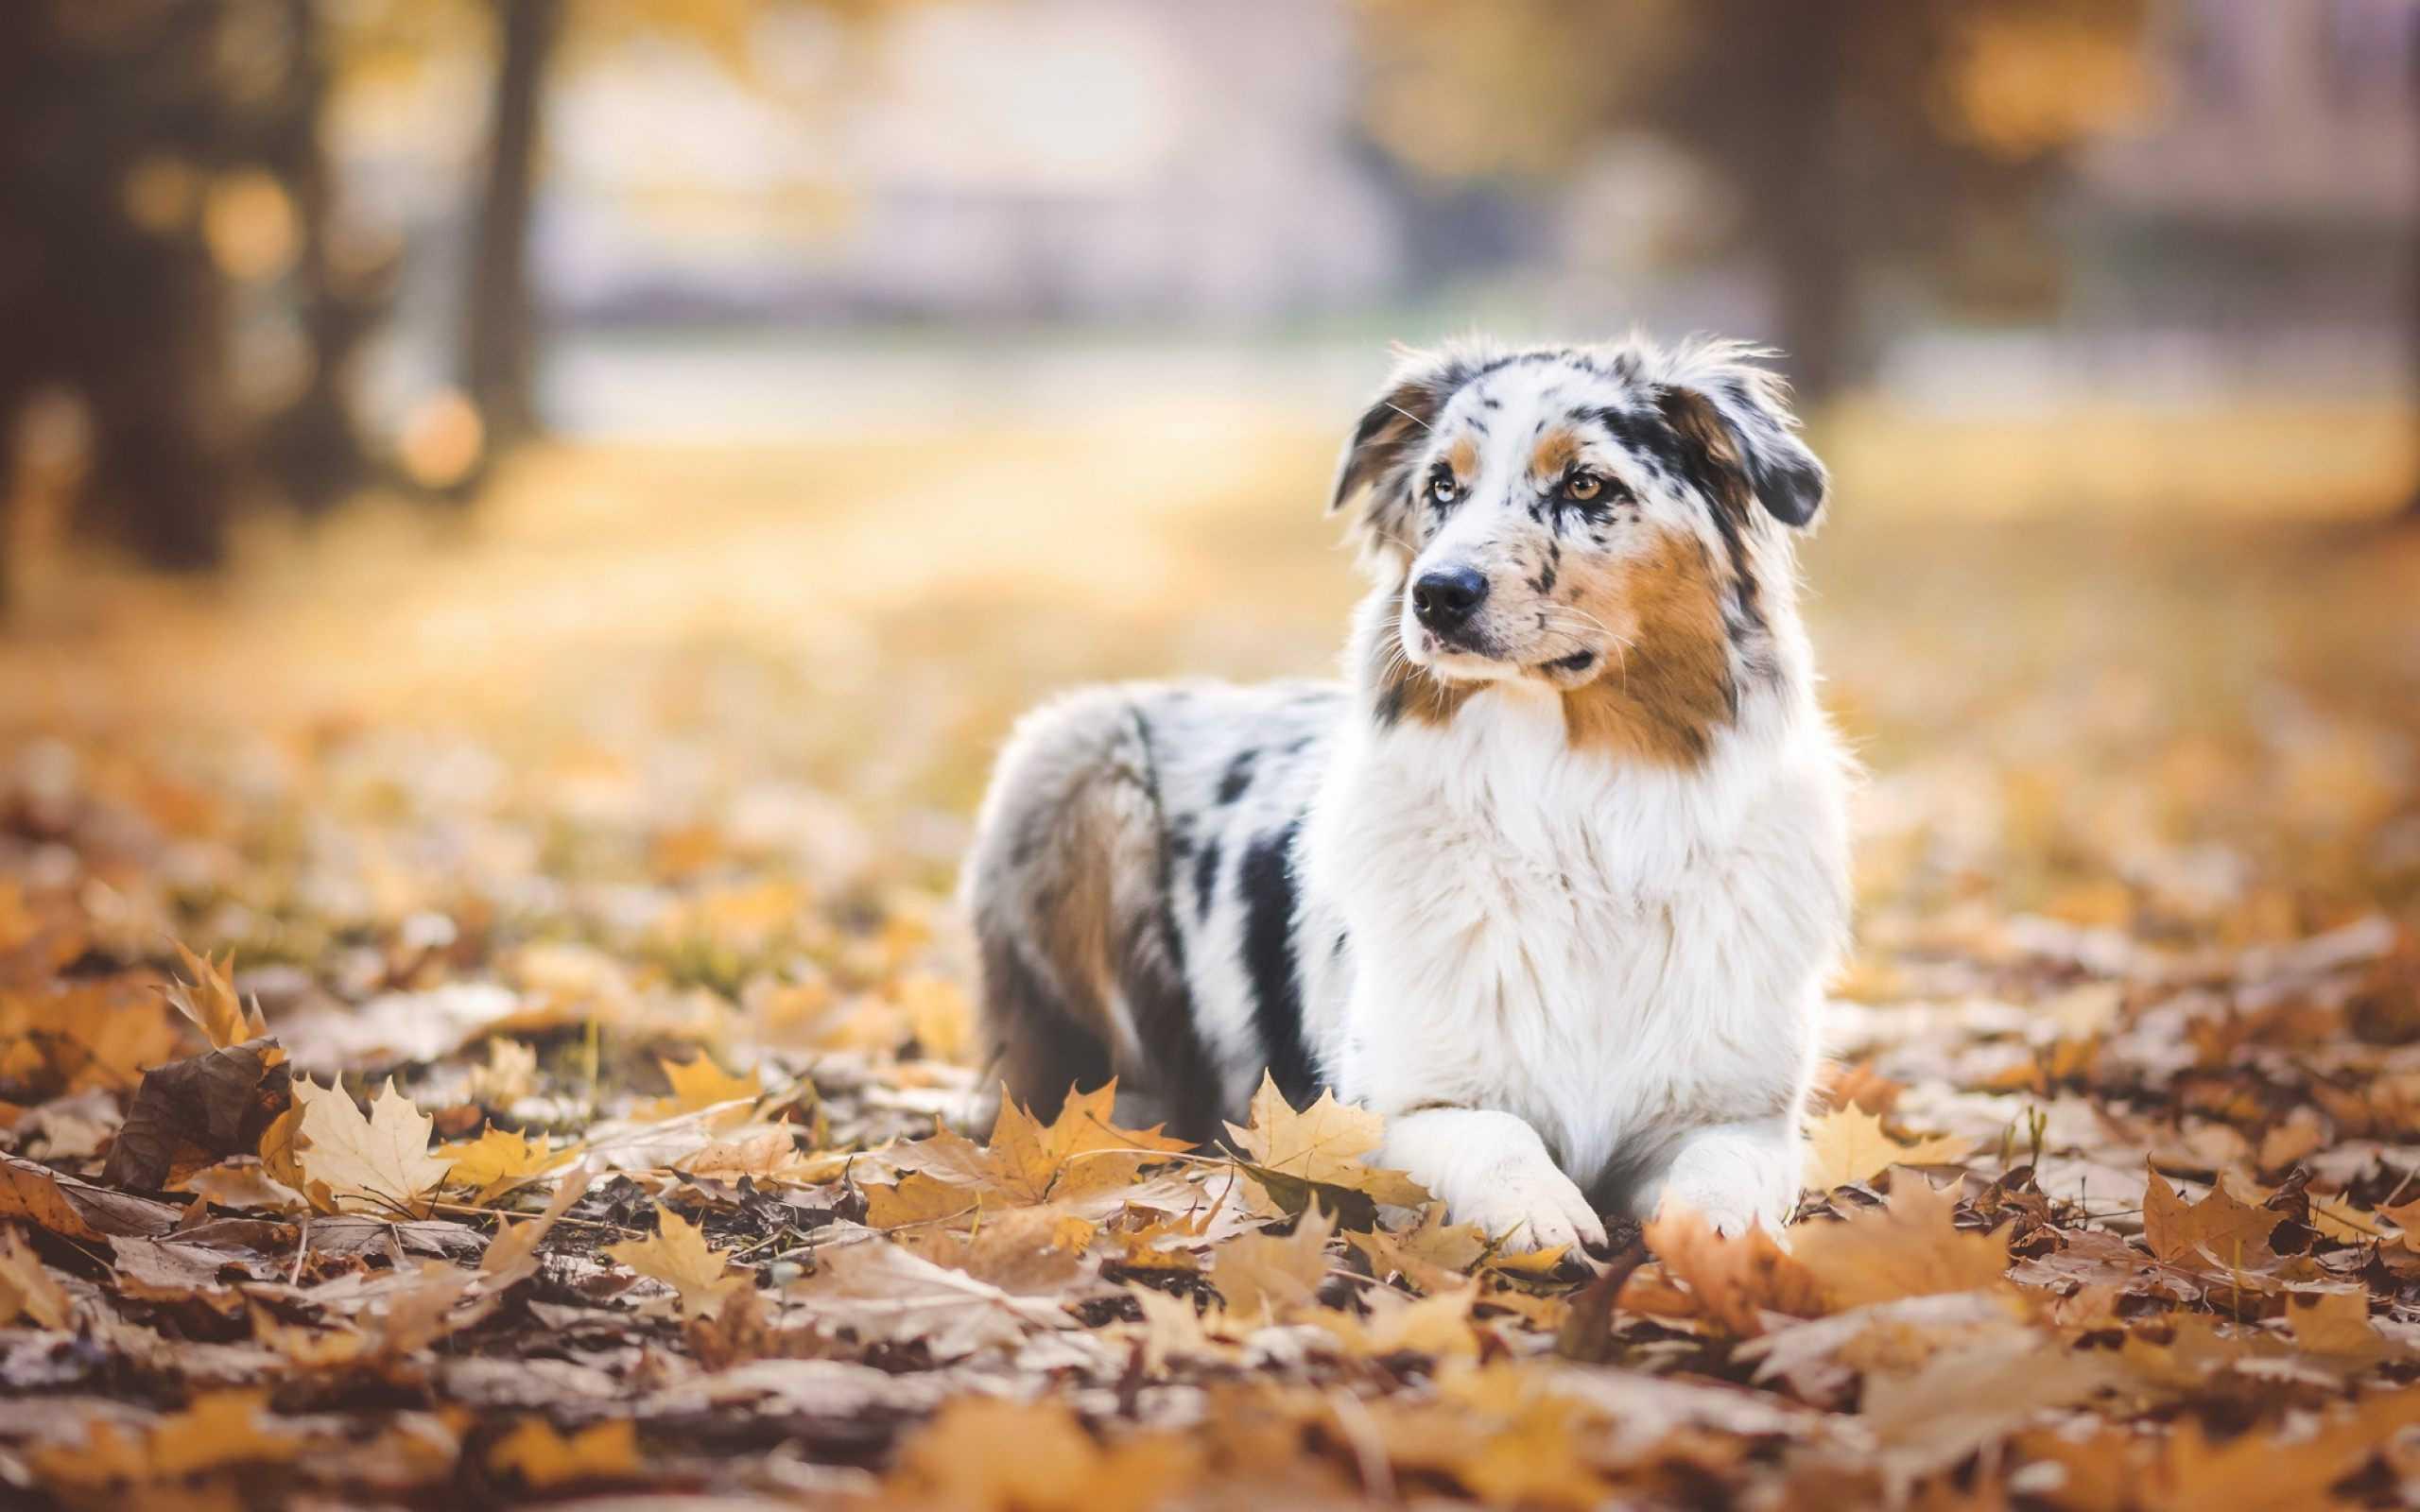 Australian Shepherd Dog Wallpapers Download Best Collection 2560x1600